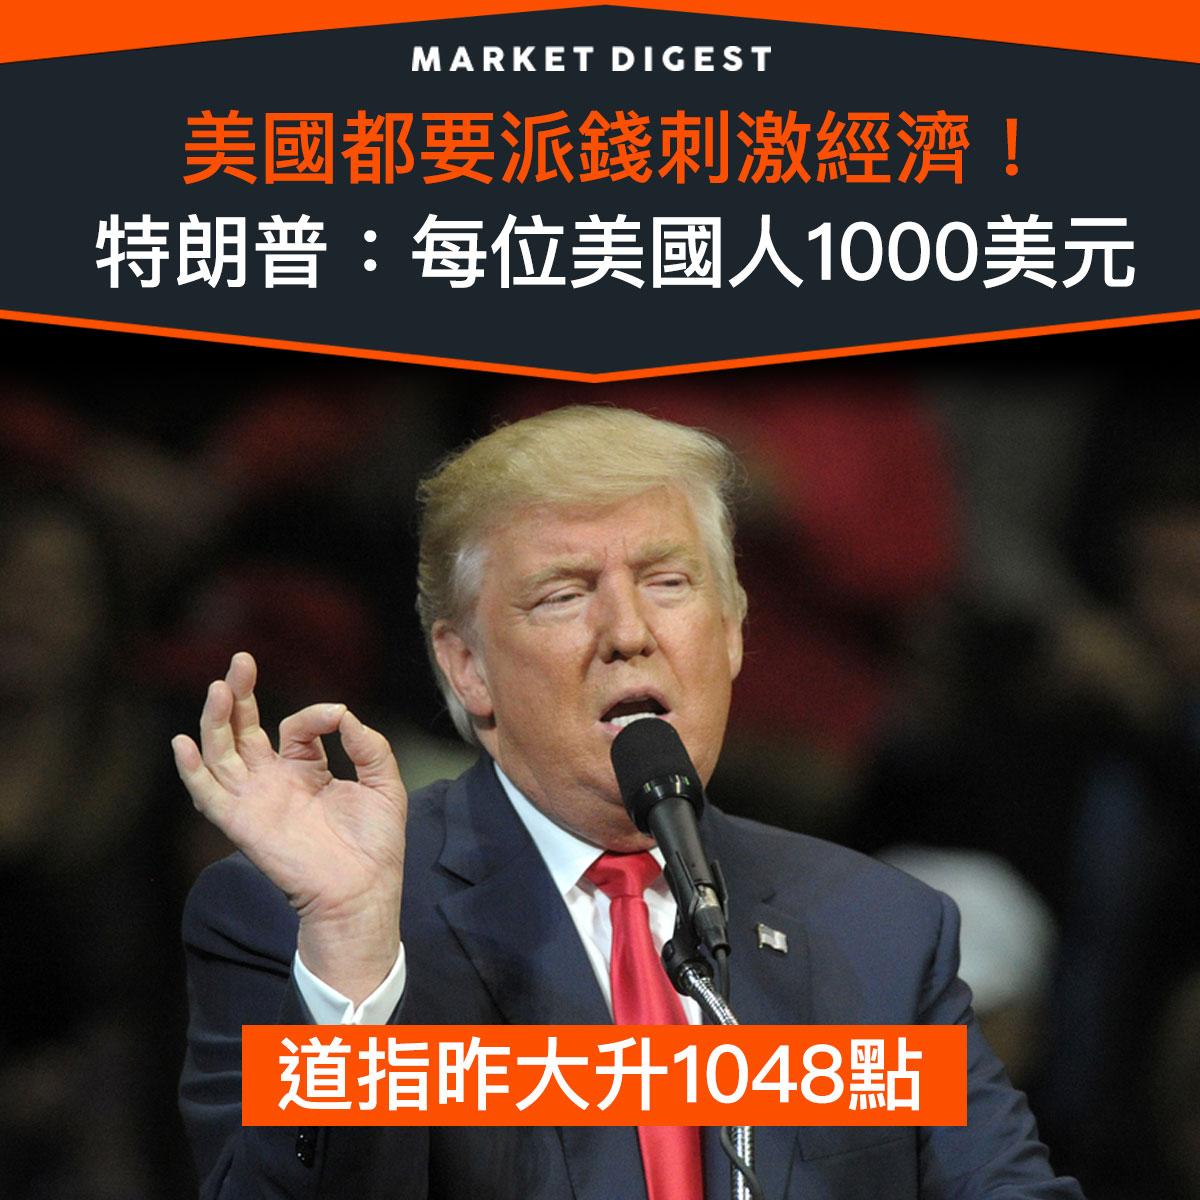 【市場熱話】美國都要派錢刺激經濟!特朗普:每位美國人1000美元